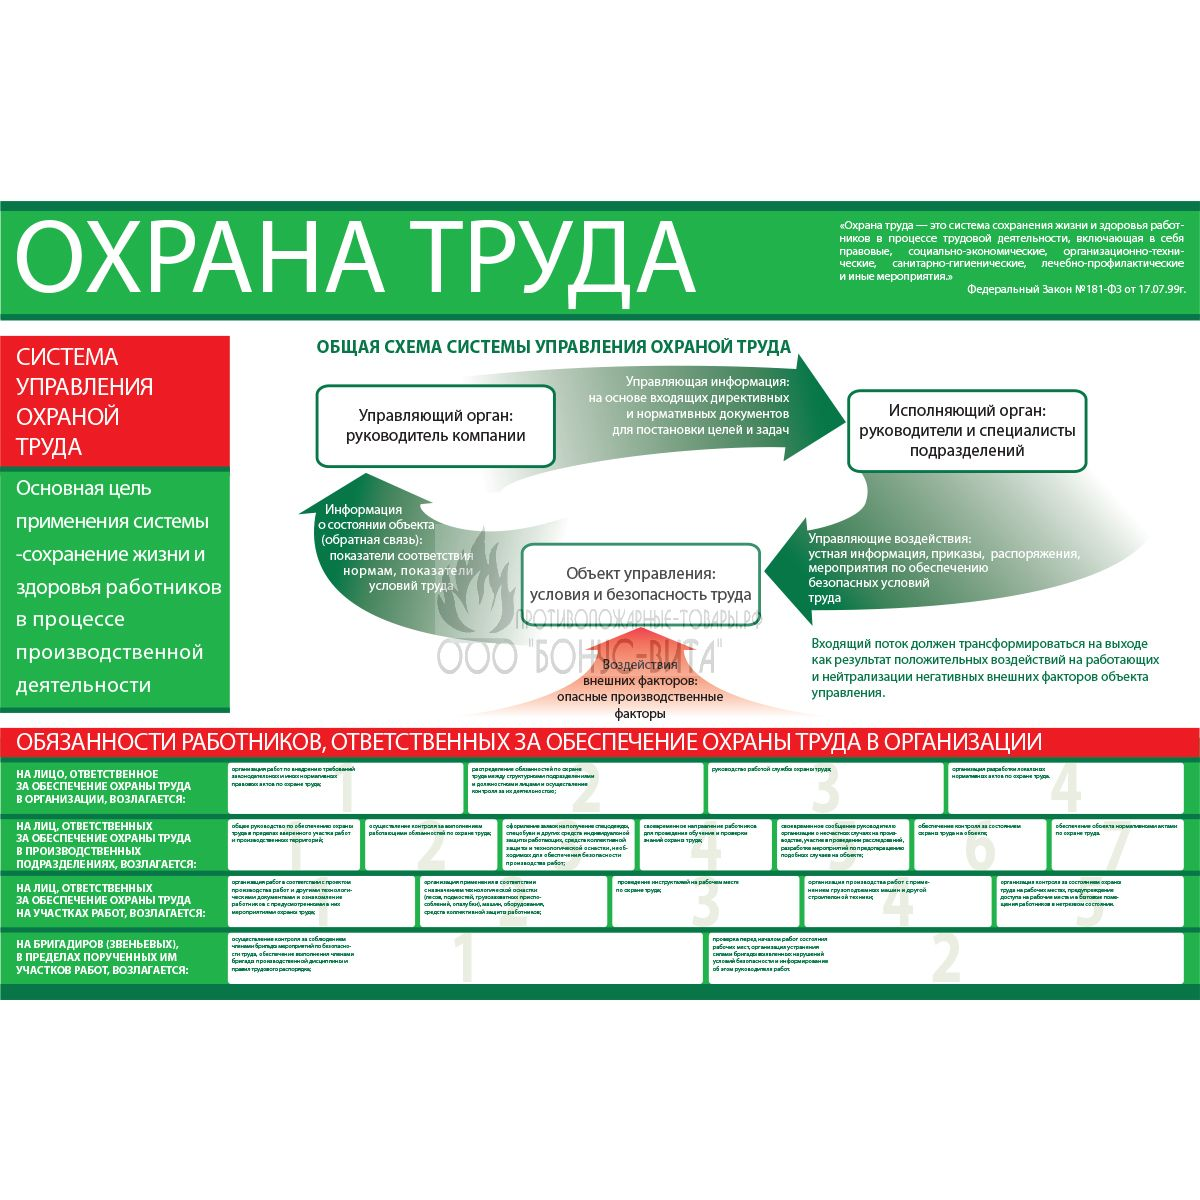 Функциональная схема систем управления охраны труда